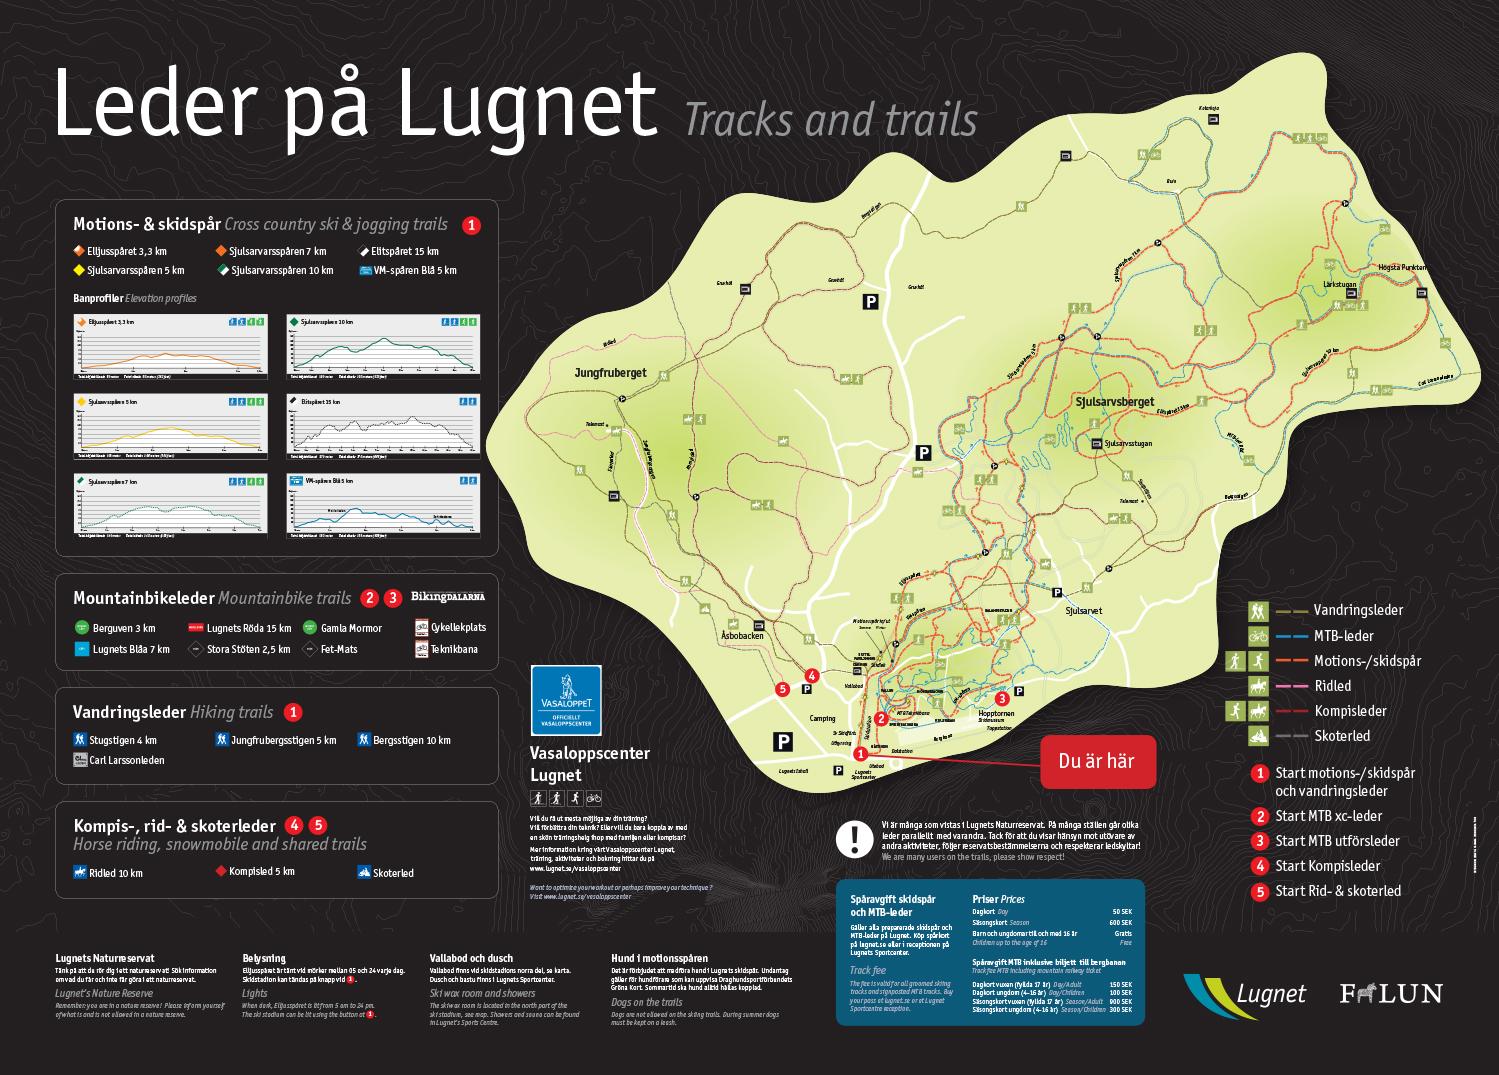 lugnet_karta.jpg